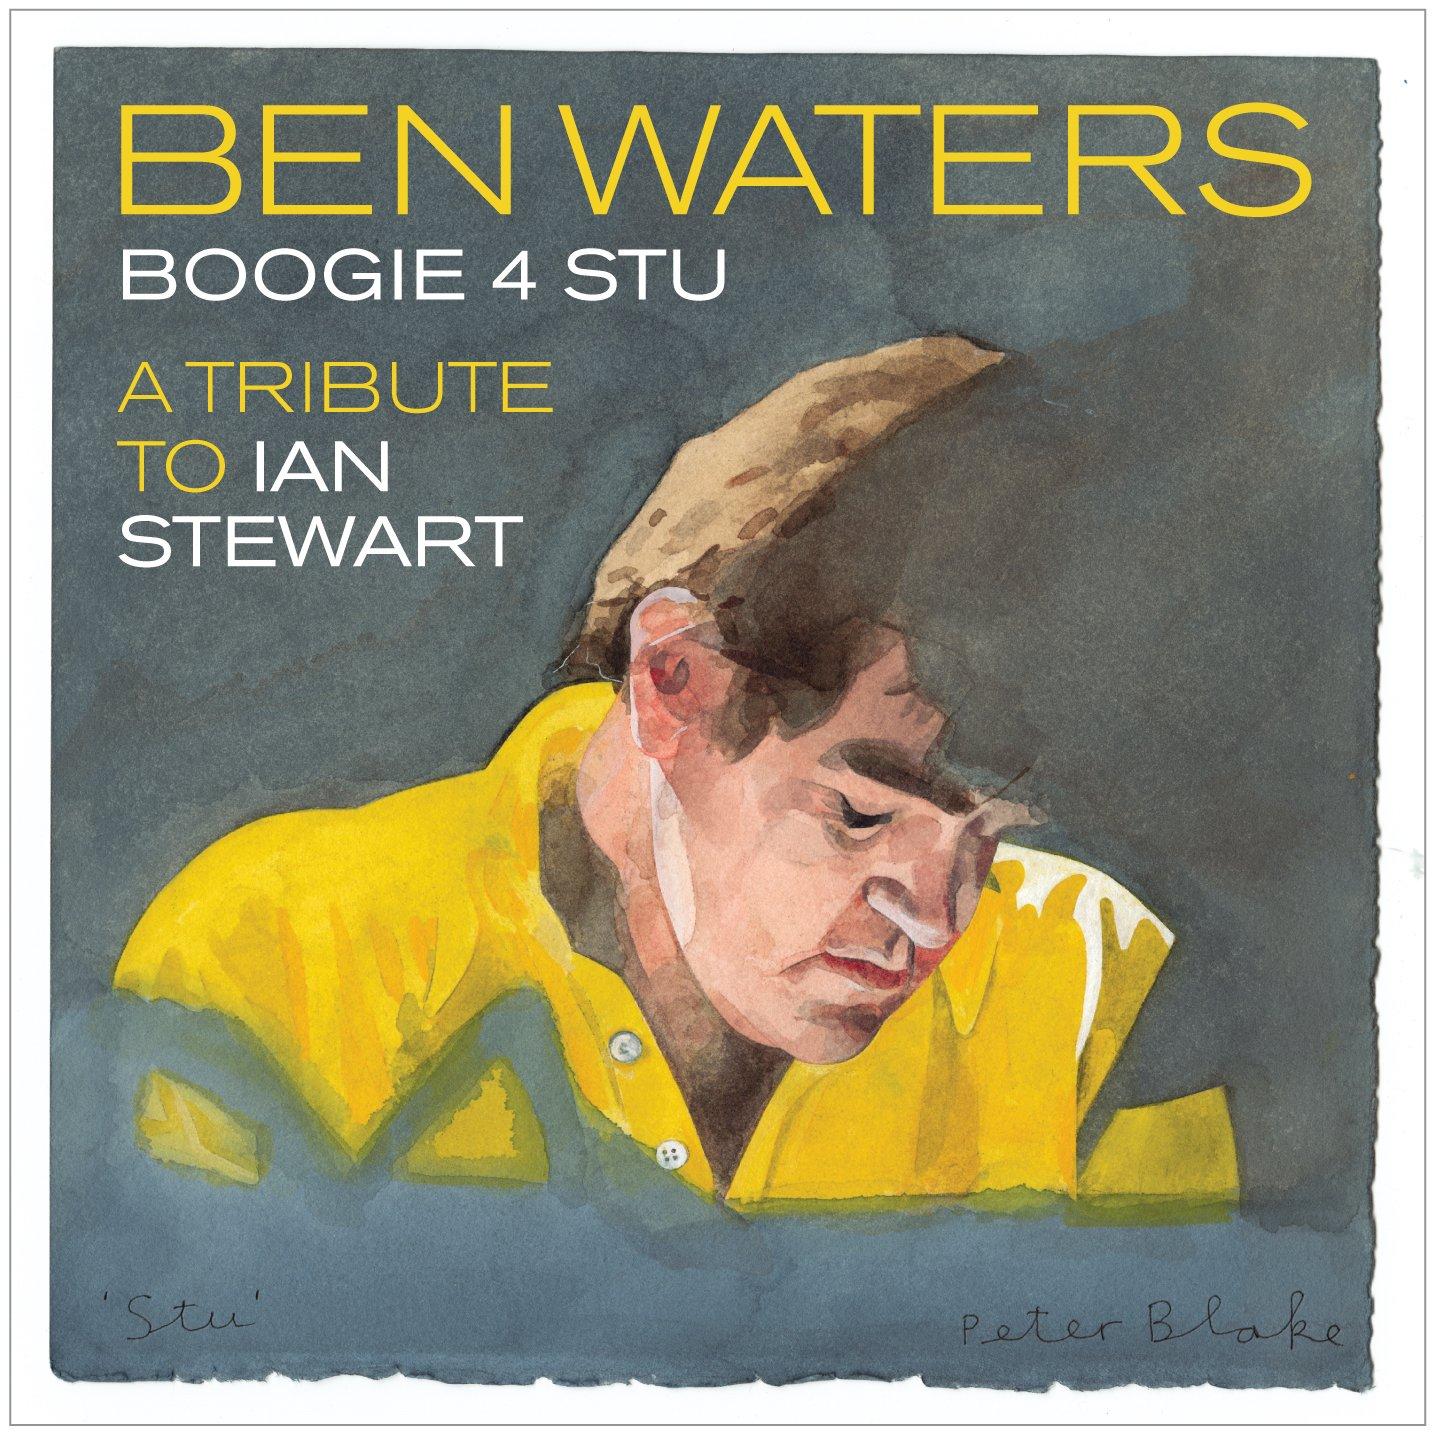 CD : Ben Waters - Boogie 4 Stu (CD)